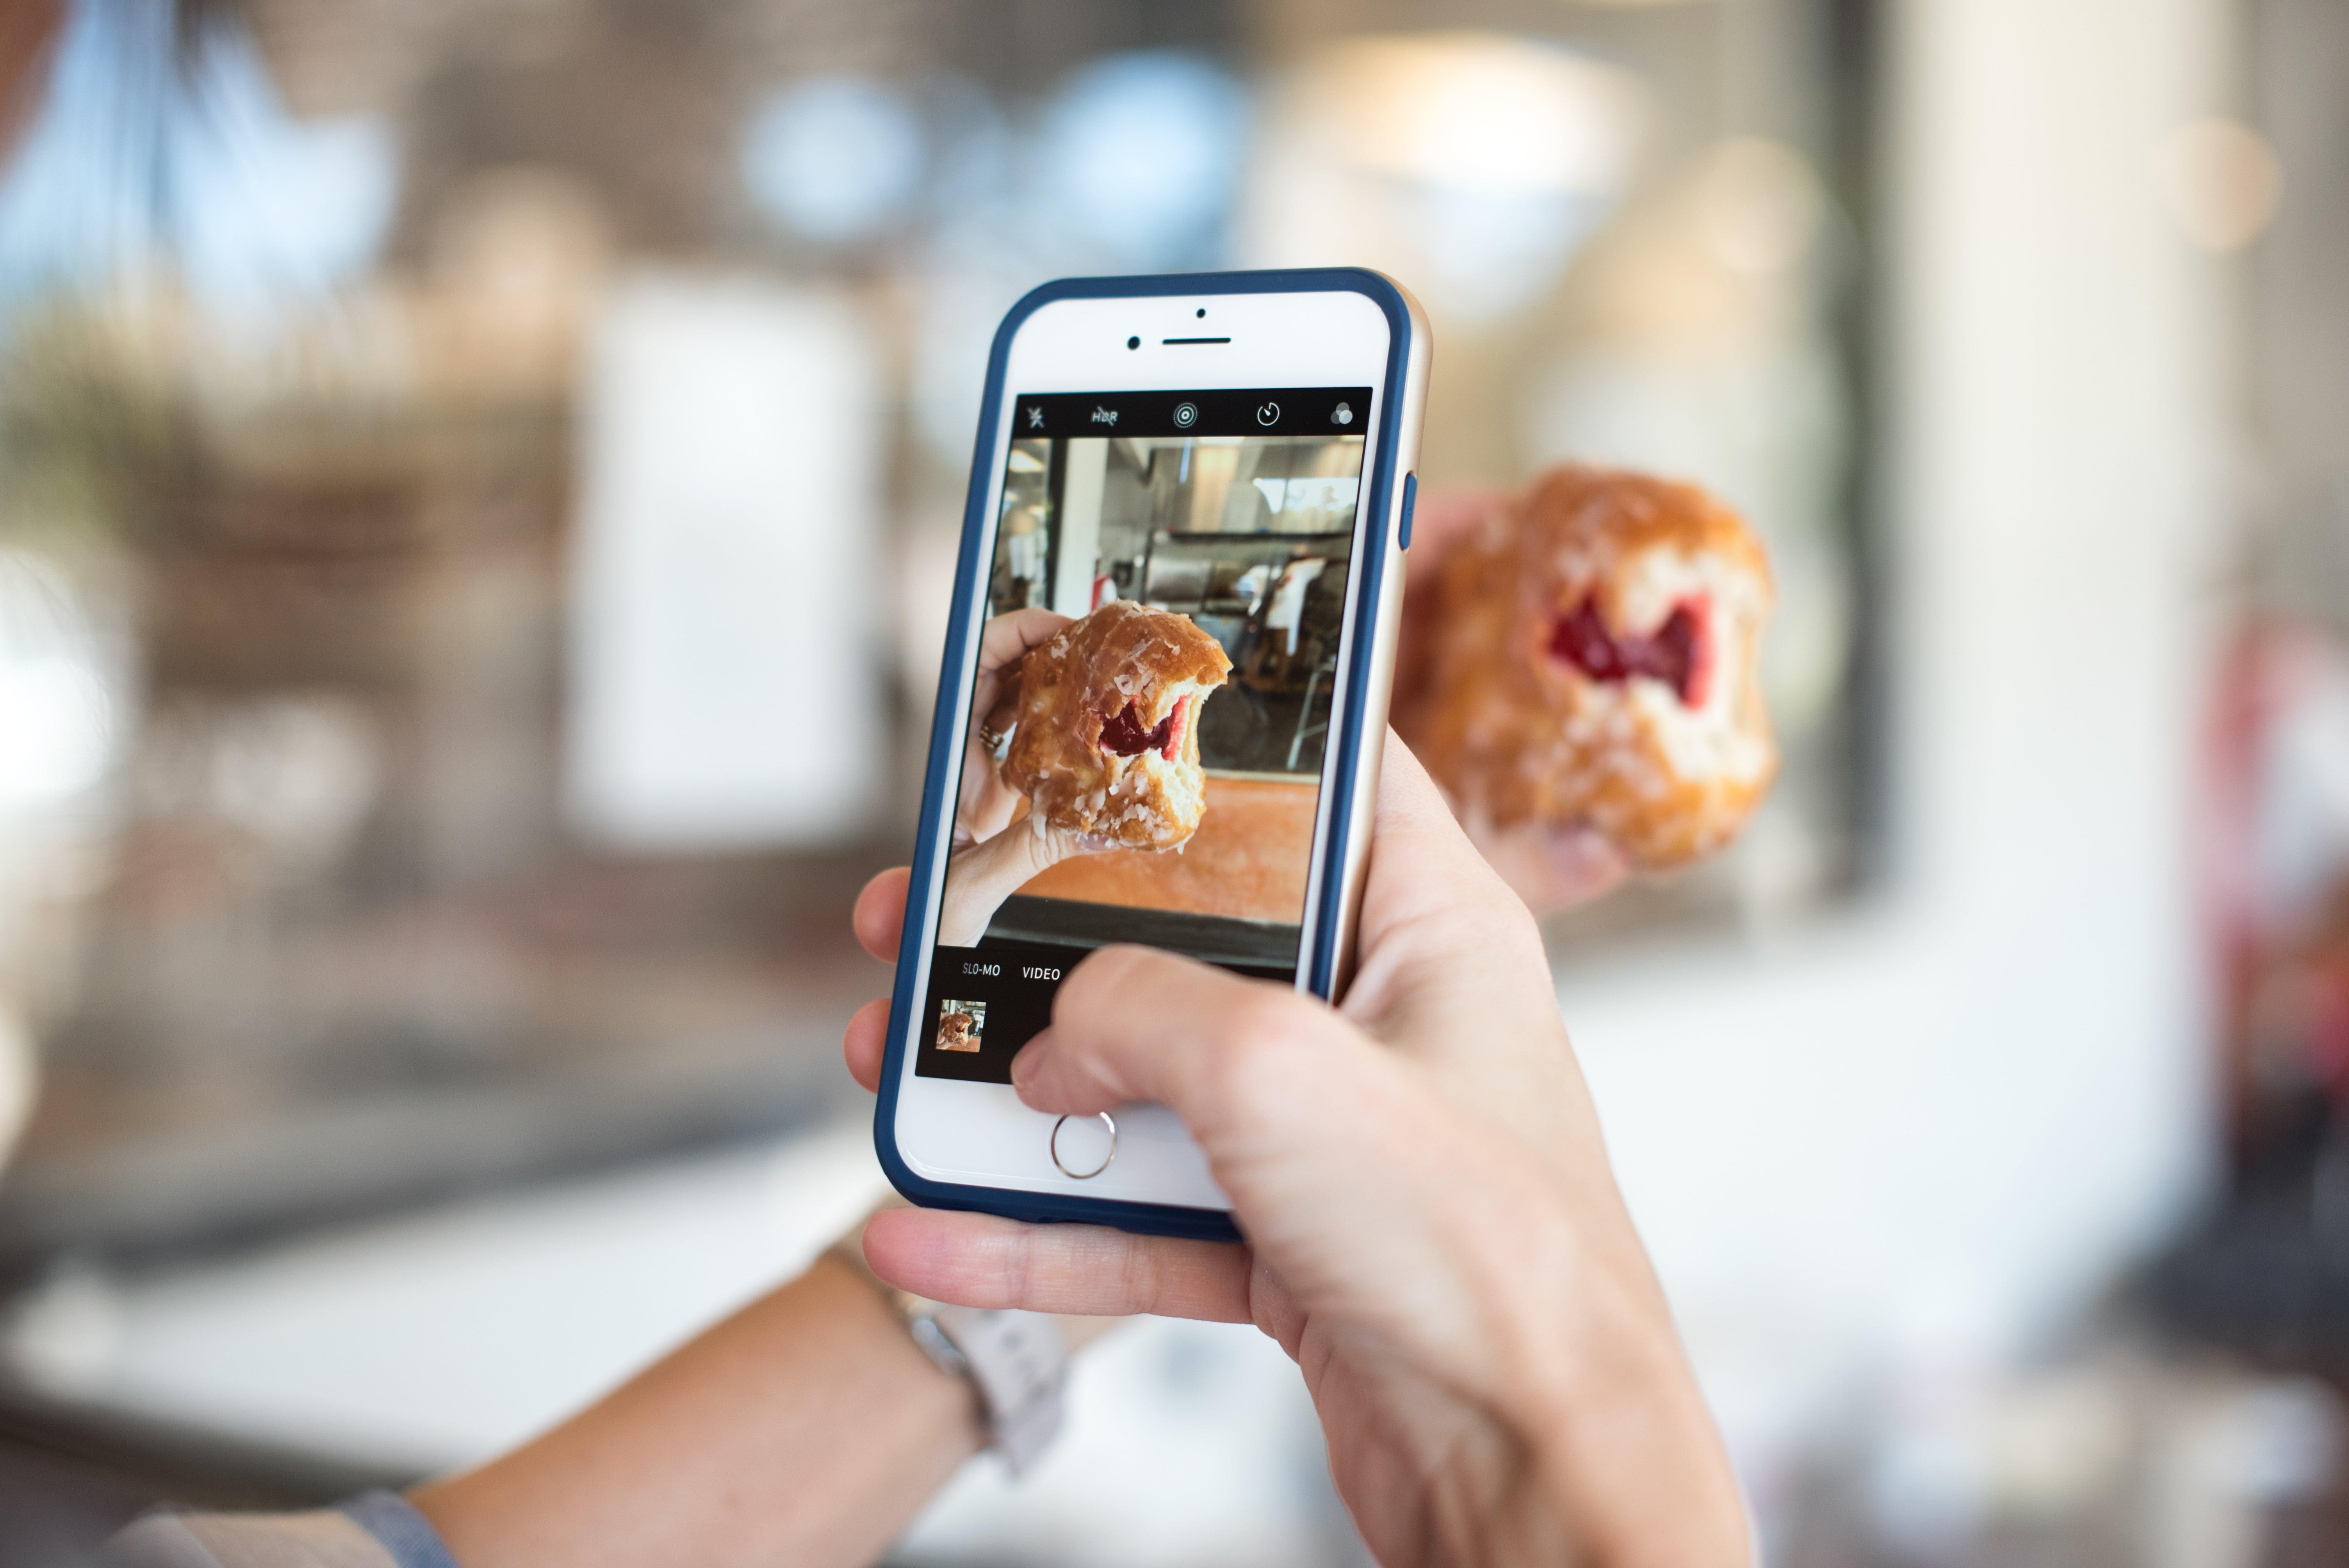 Изображение телефона в руке